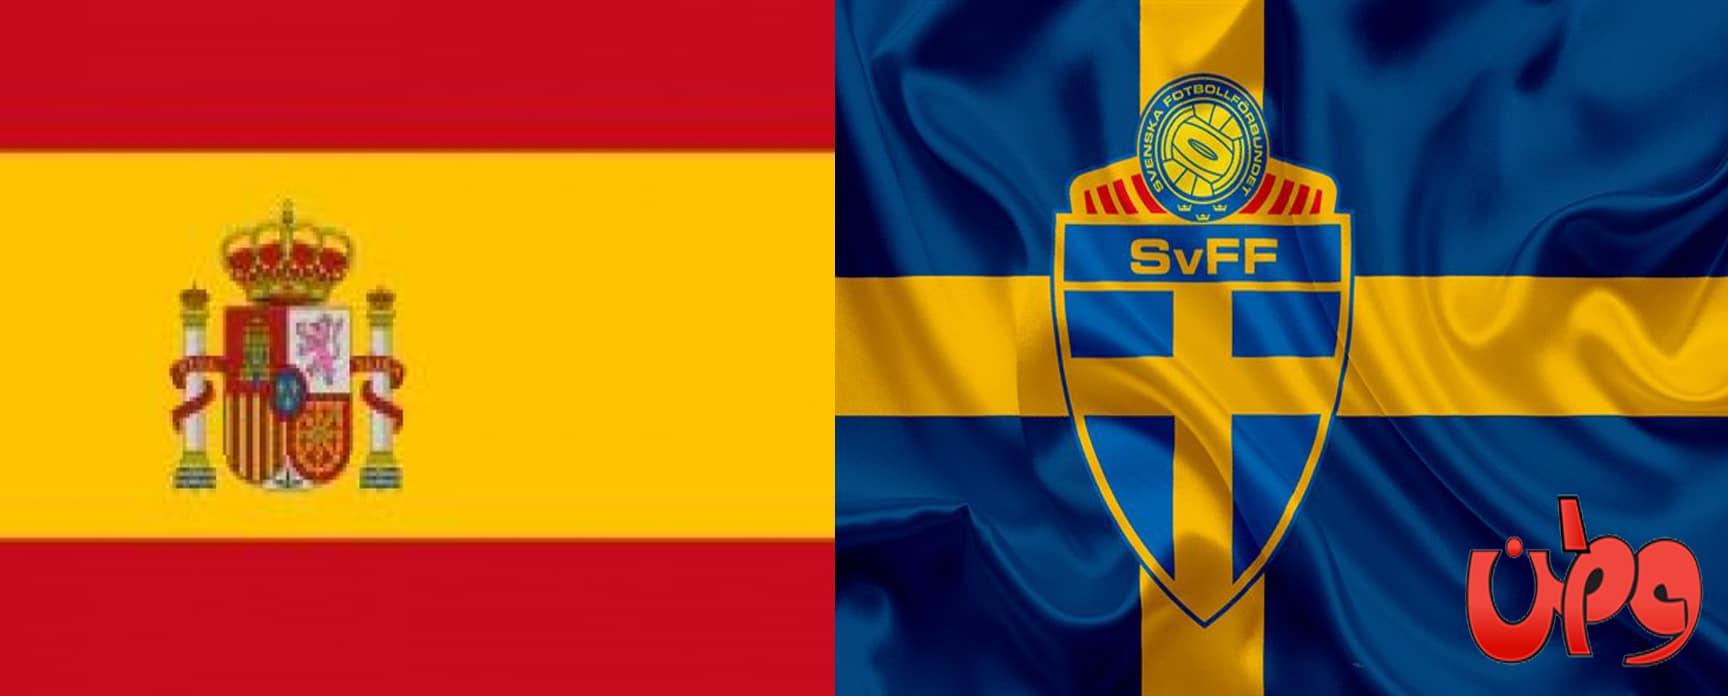 تعرف على موعد مباراة منتخب إسبانيا والسويد في تصفيات أوروبا لمونديال العالم 2022